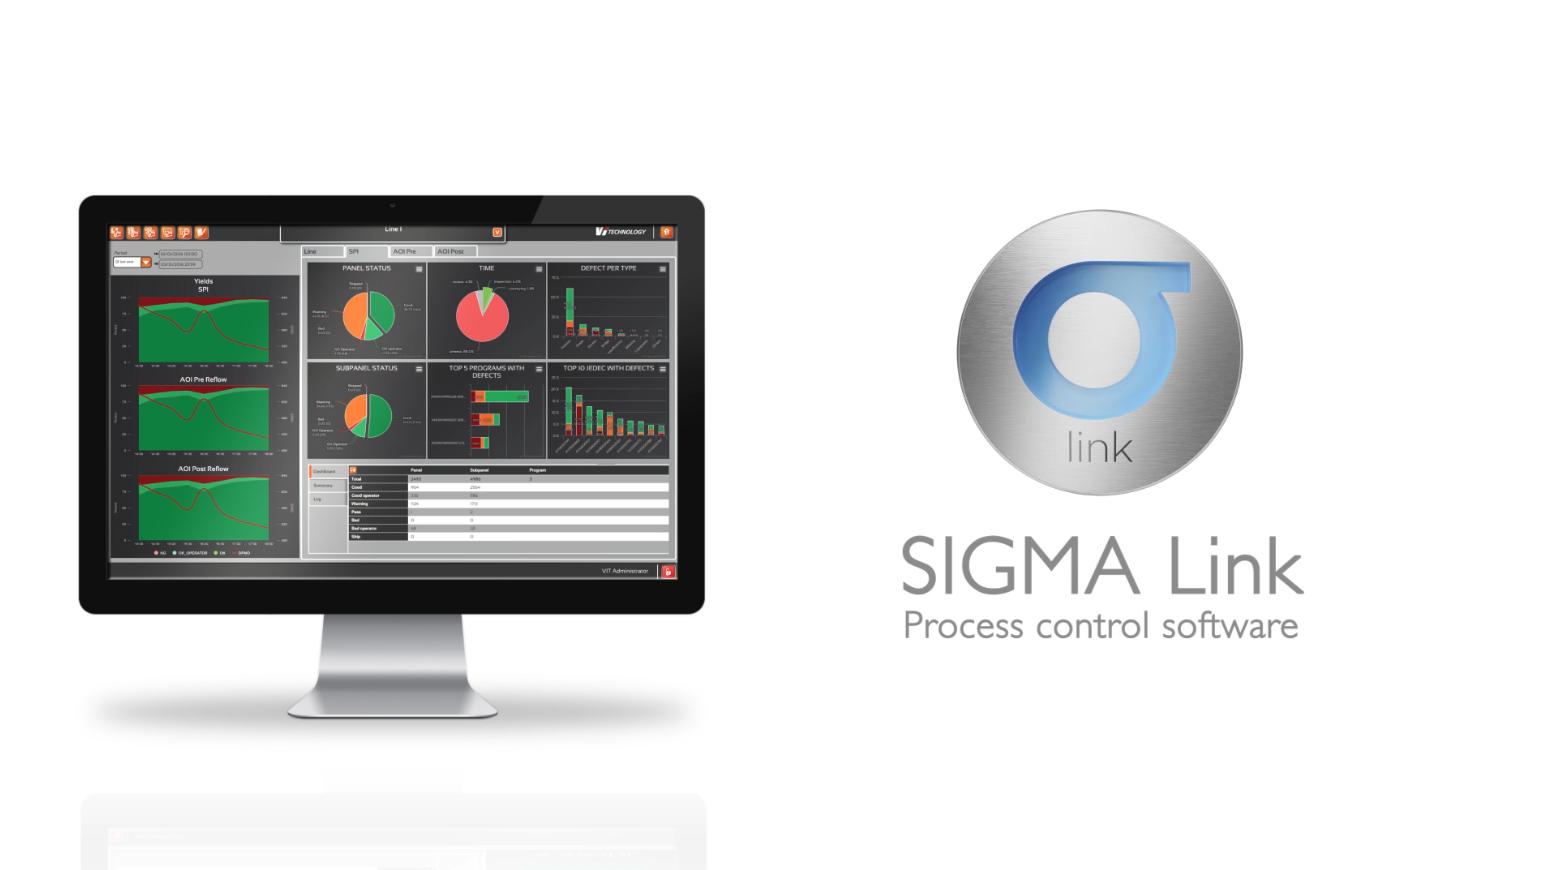 MATAS ELECTRONICS parle du logiciel de contrôle de processus SIGMA LINK de Vi TECHNOLOGY